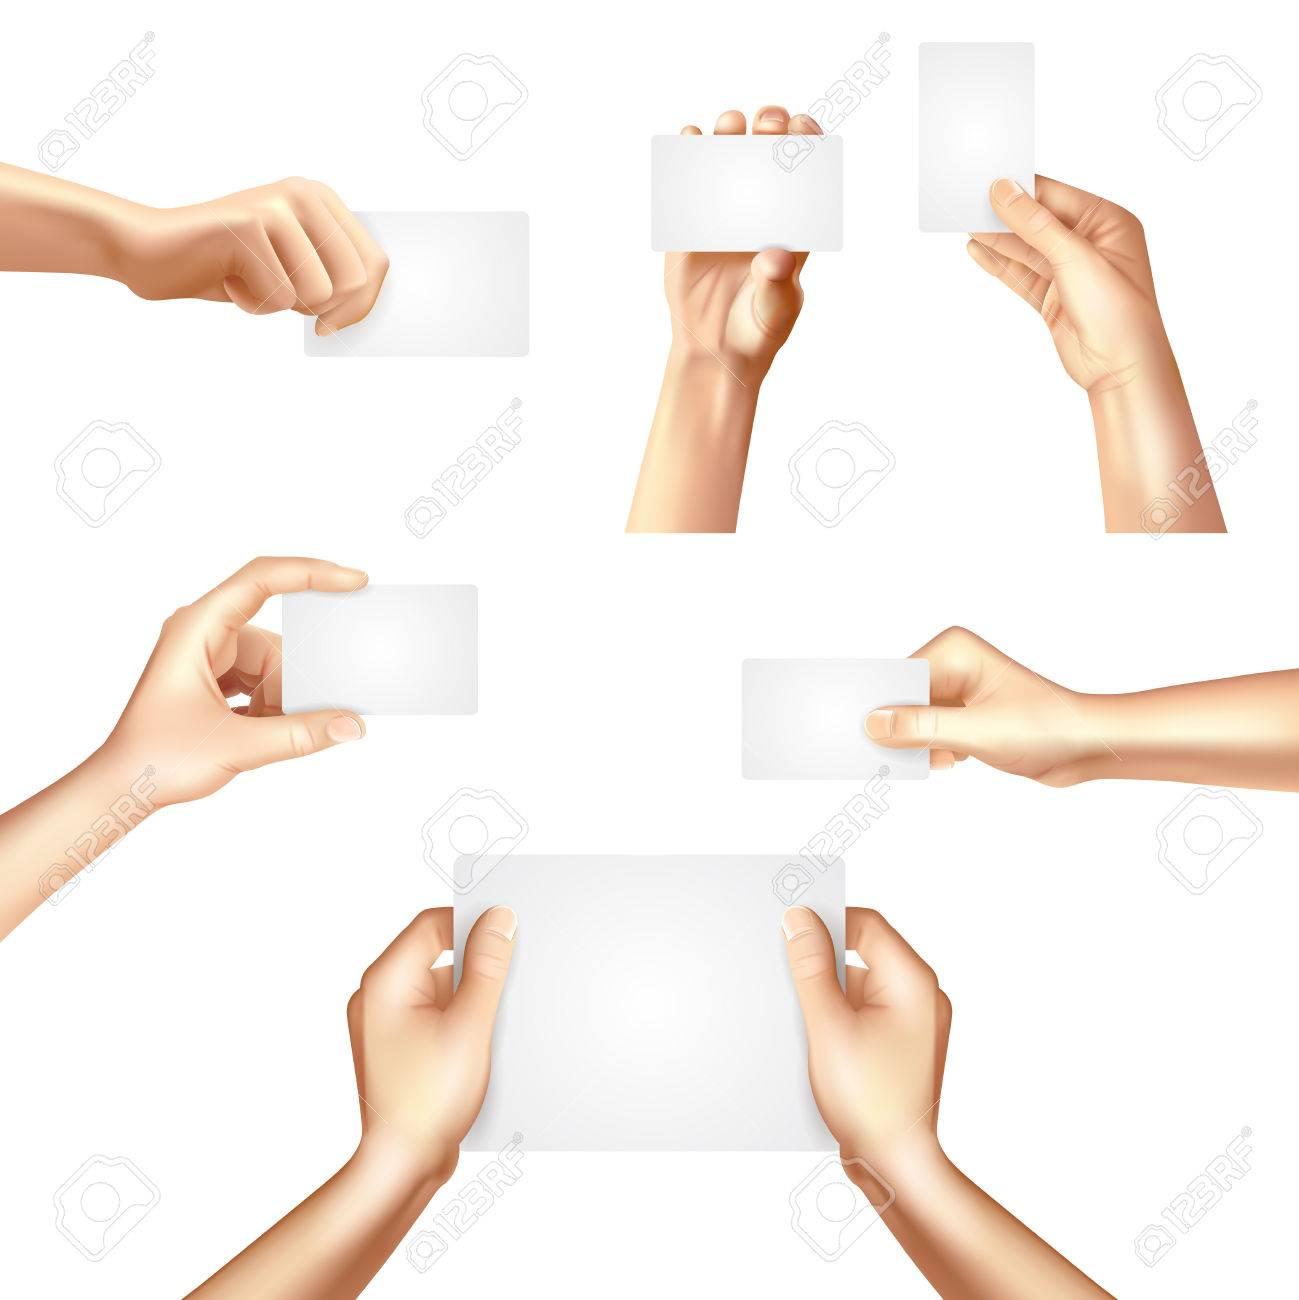 Hände, Die Weiße Leere Vorlagen Für Business Identifikationskarten ...